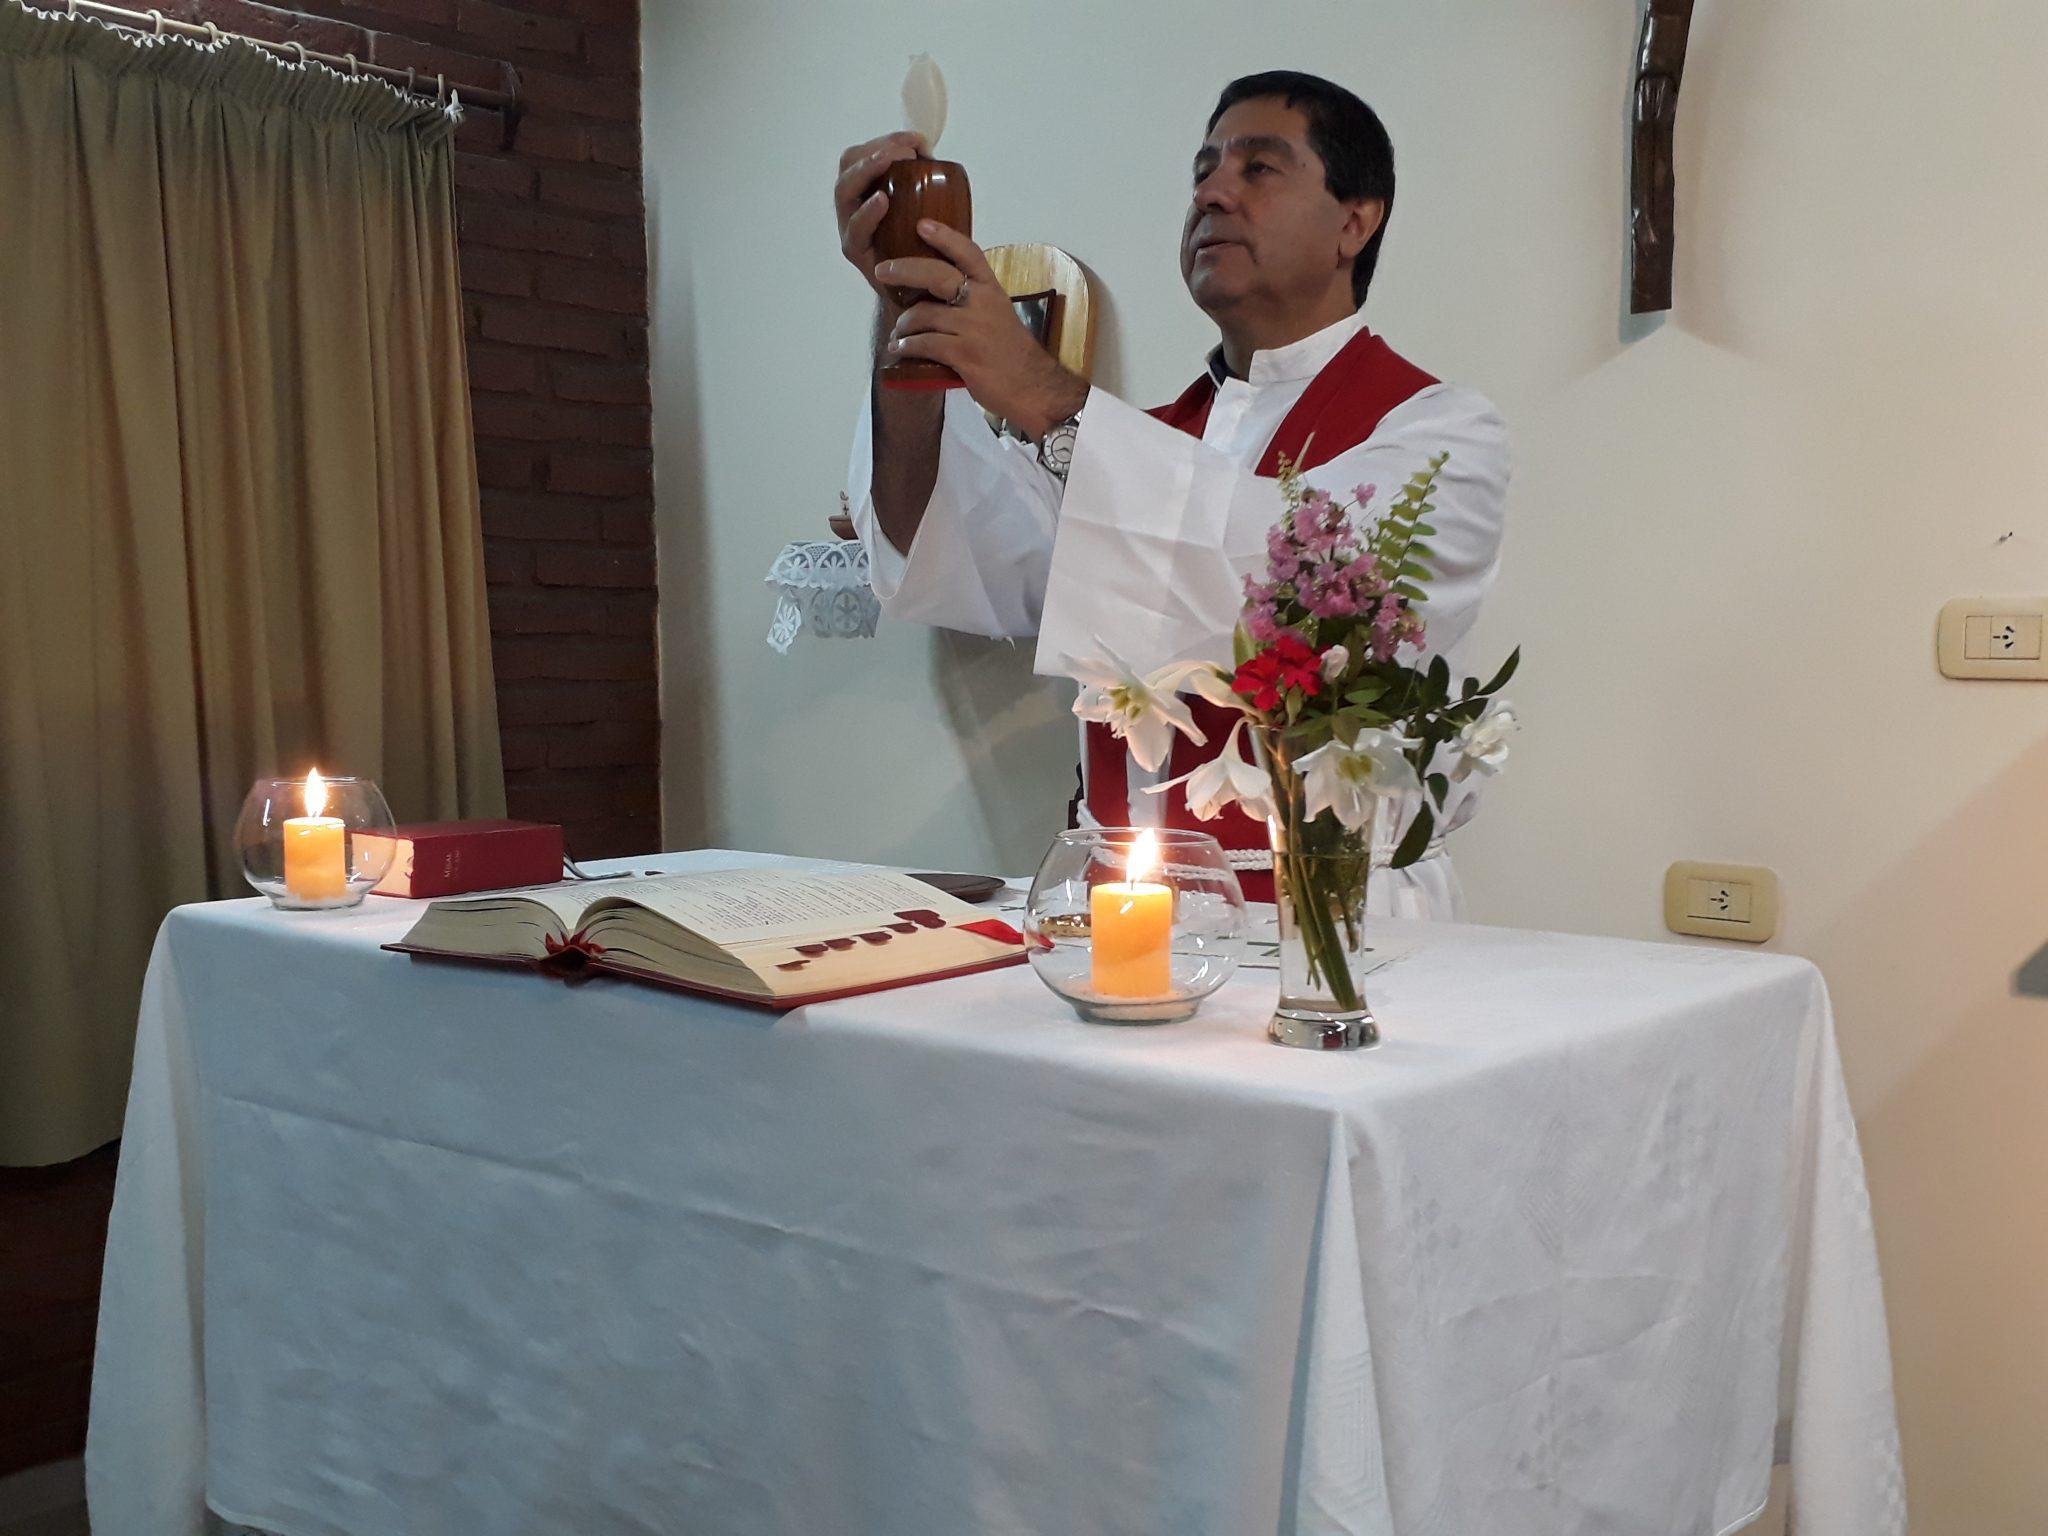 Segundo encuentro del Movimiento Apostólico Sacerdotal (MAS) en Argentina